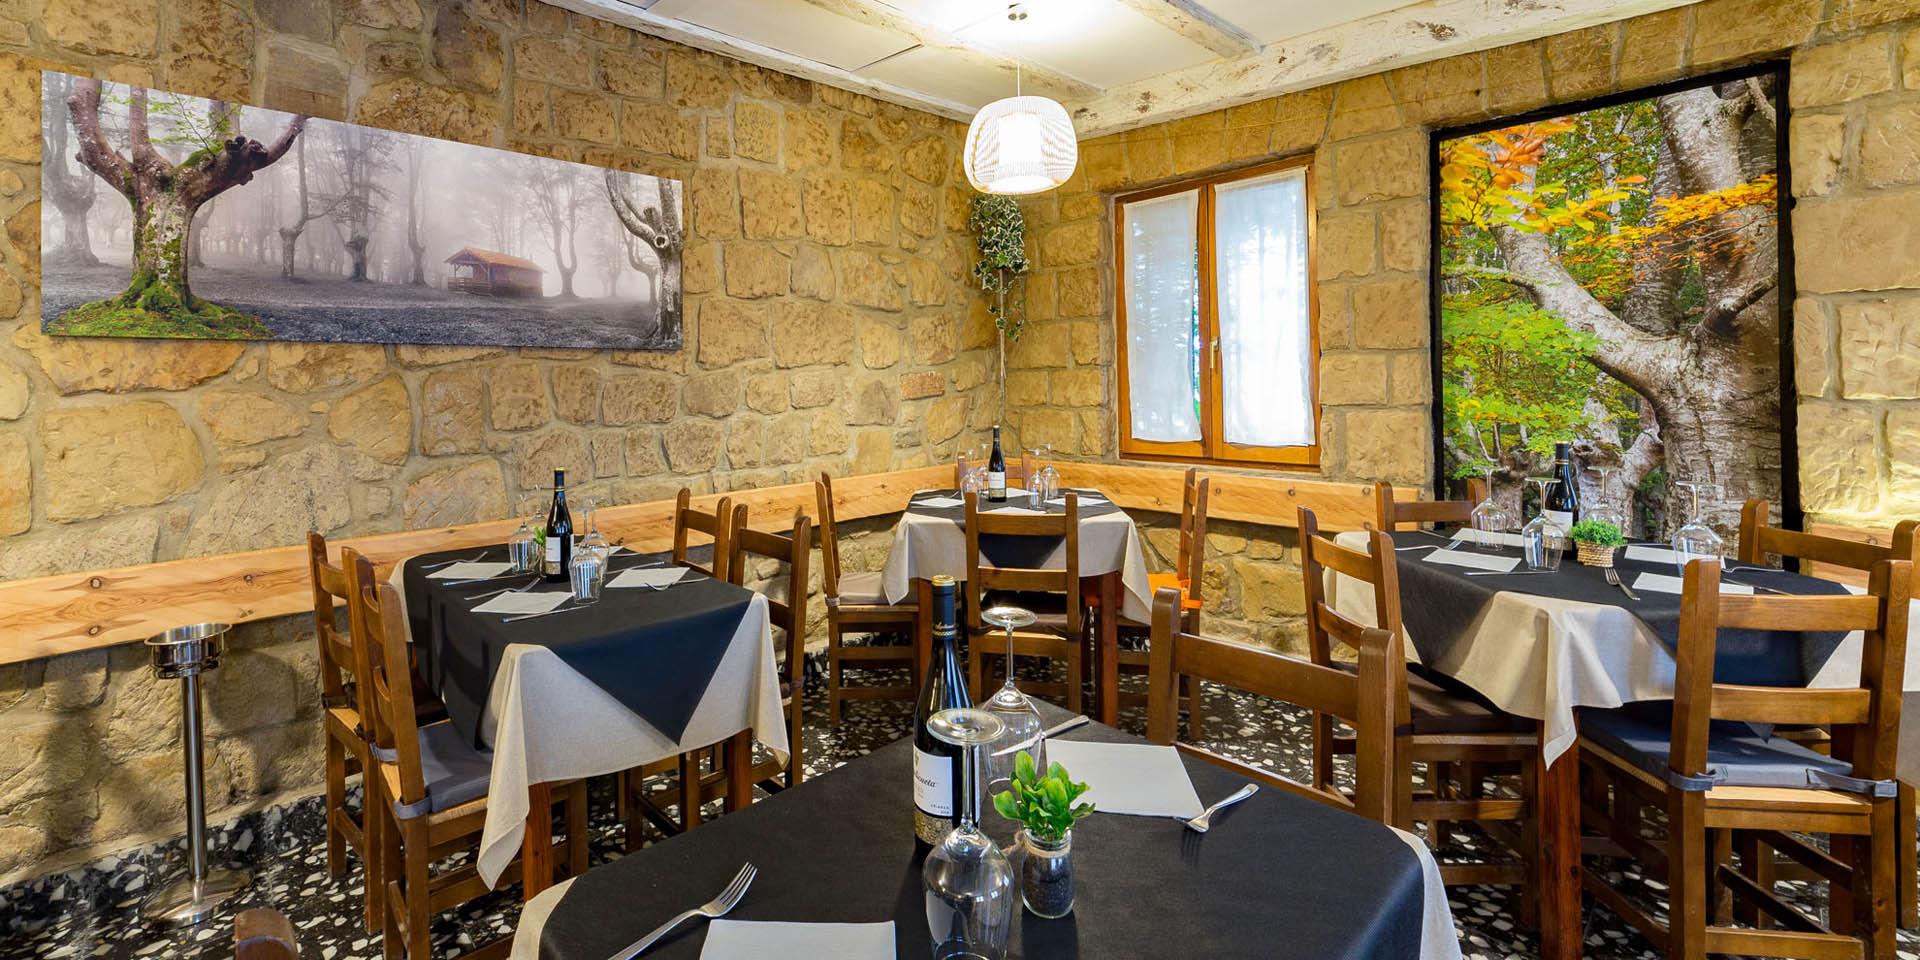 180713 Restaurante Etxe-Nagusi Igeldo10